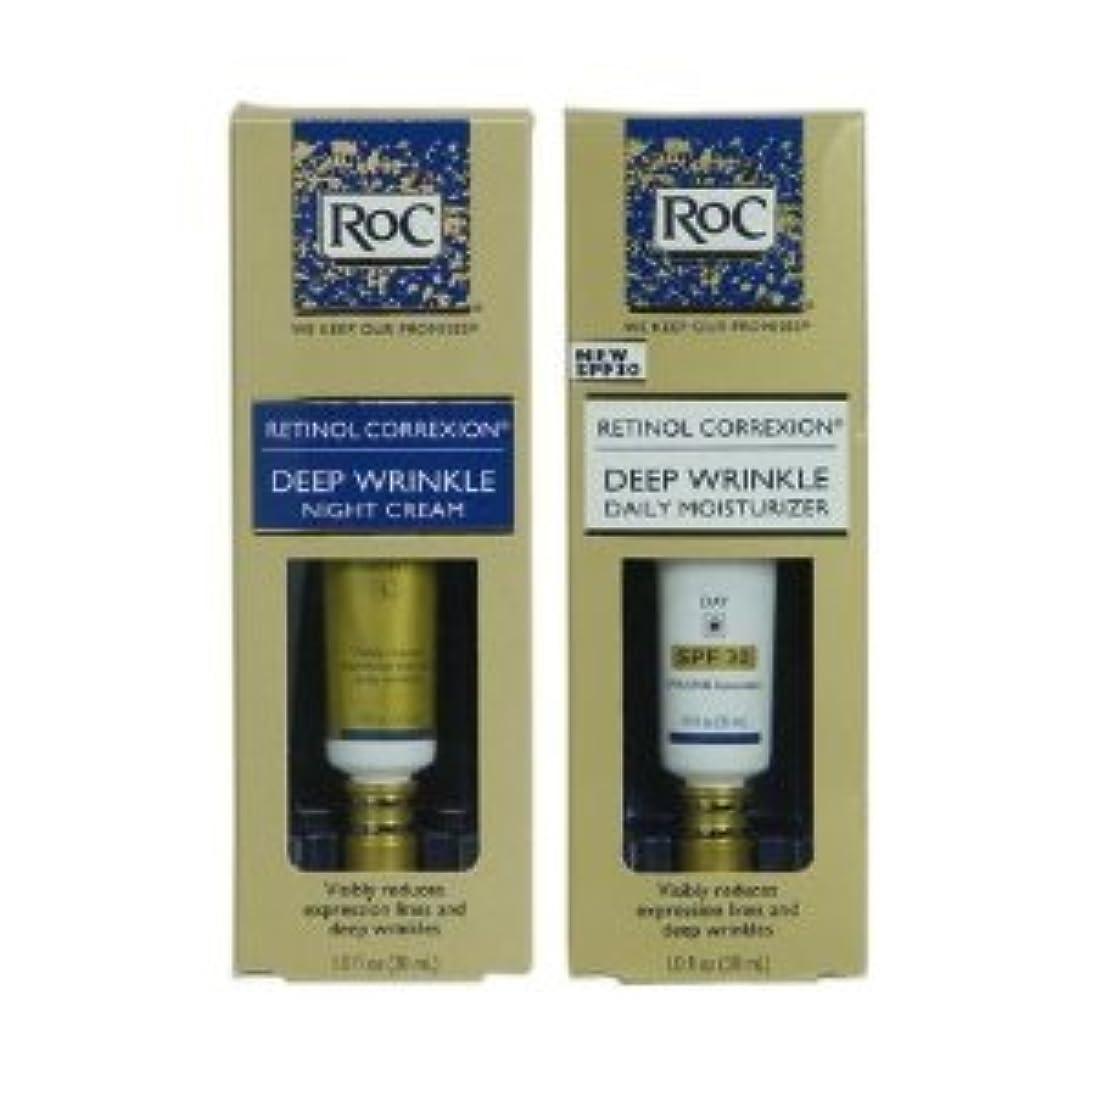 東部樹皮染料RoC レチノール コレクション 2本セット (昼+夜セット) フランス製 RoC Retinol Correxion Deep Wrinkle Day/Night set